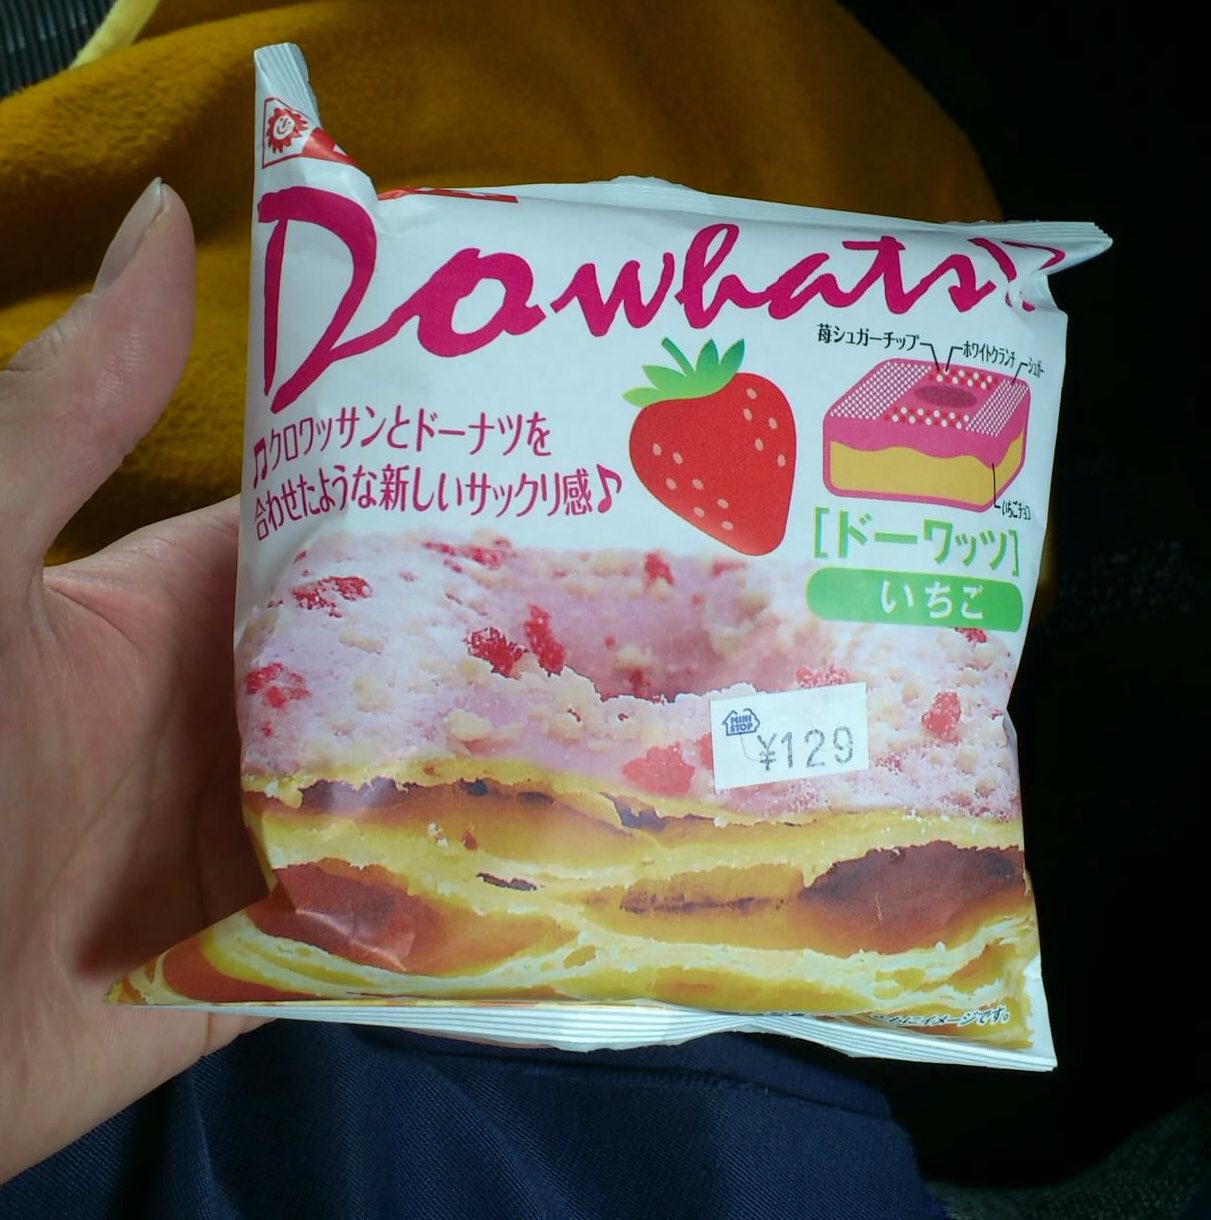 山崎製パン ドーワッツがうまかった